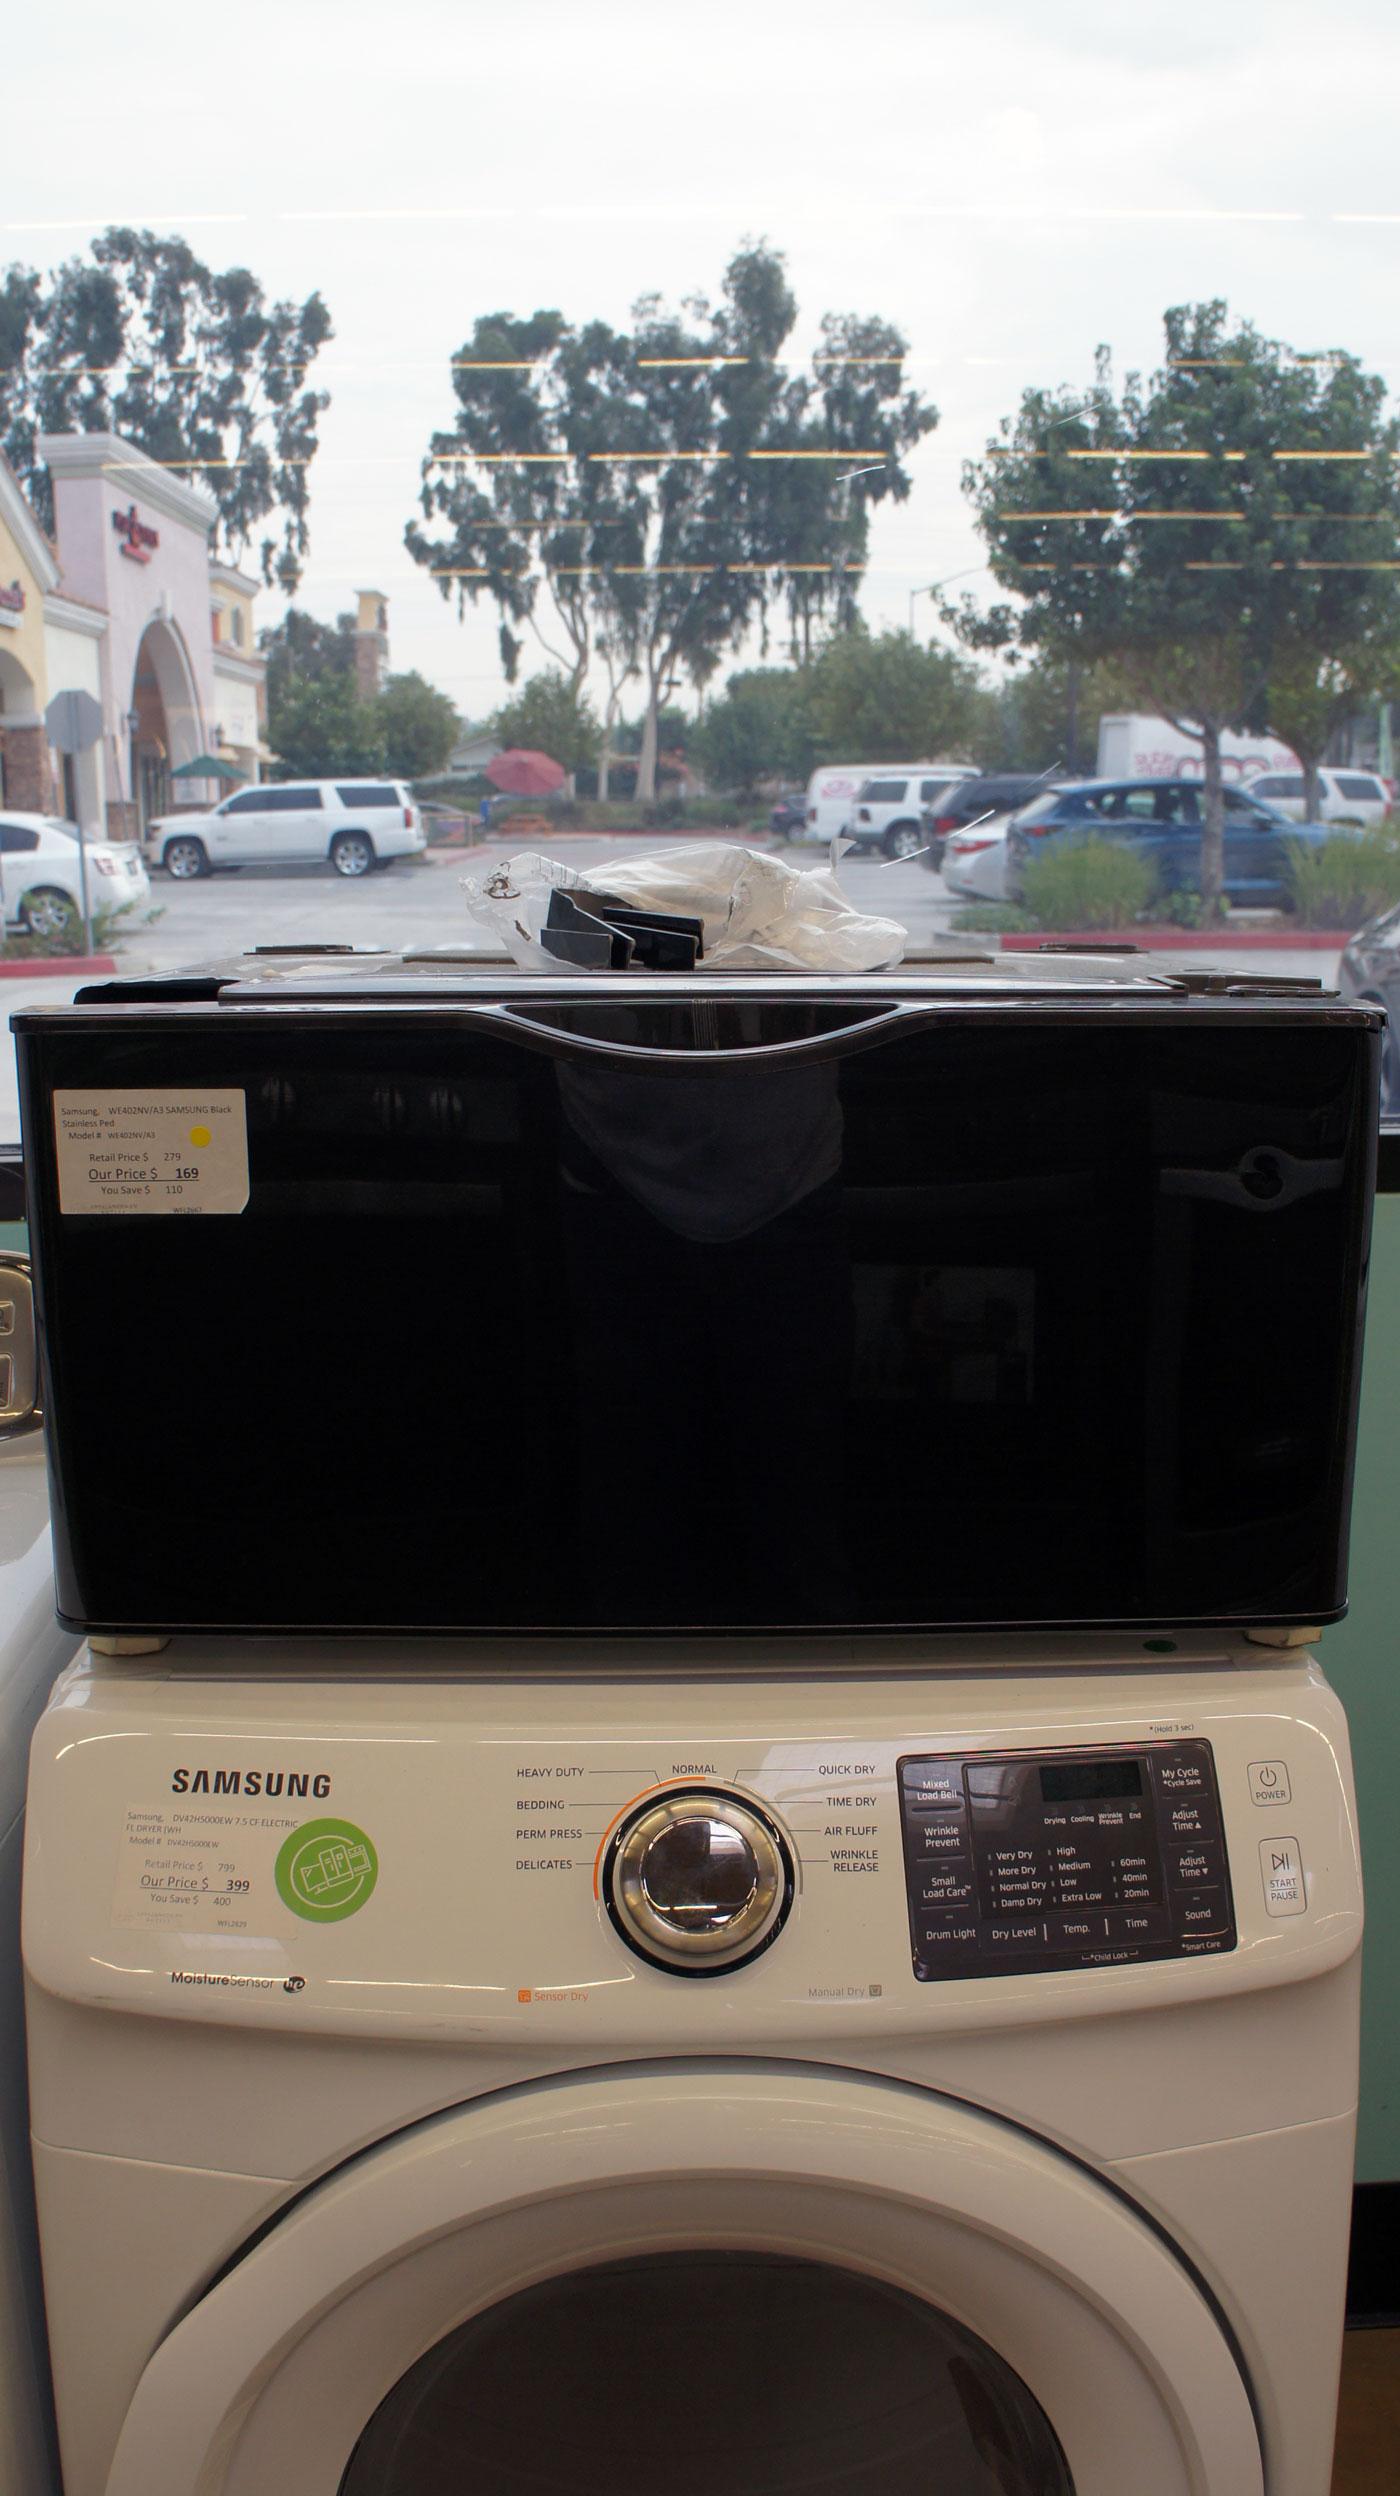 27″ Samsung WE402NV/A3 Front Load Washer and Dryer Pedestal